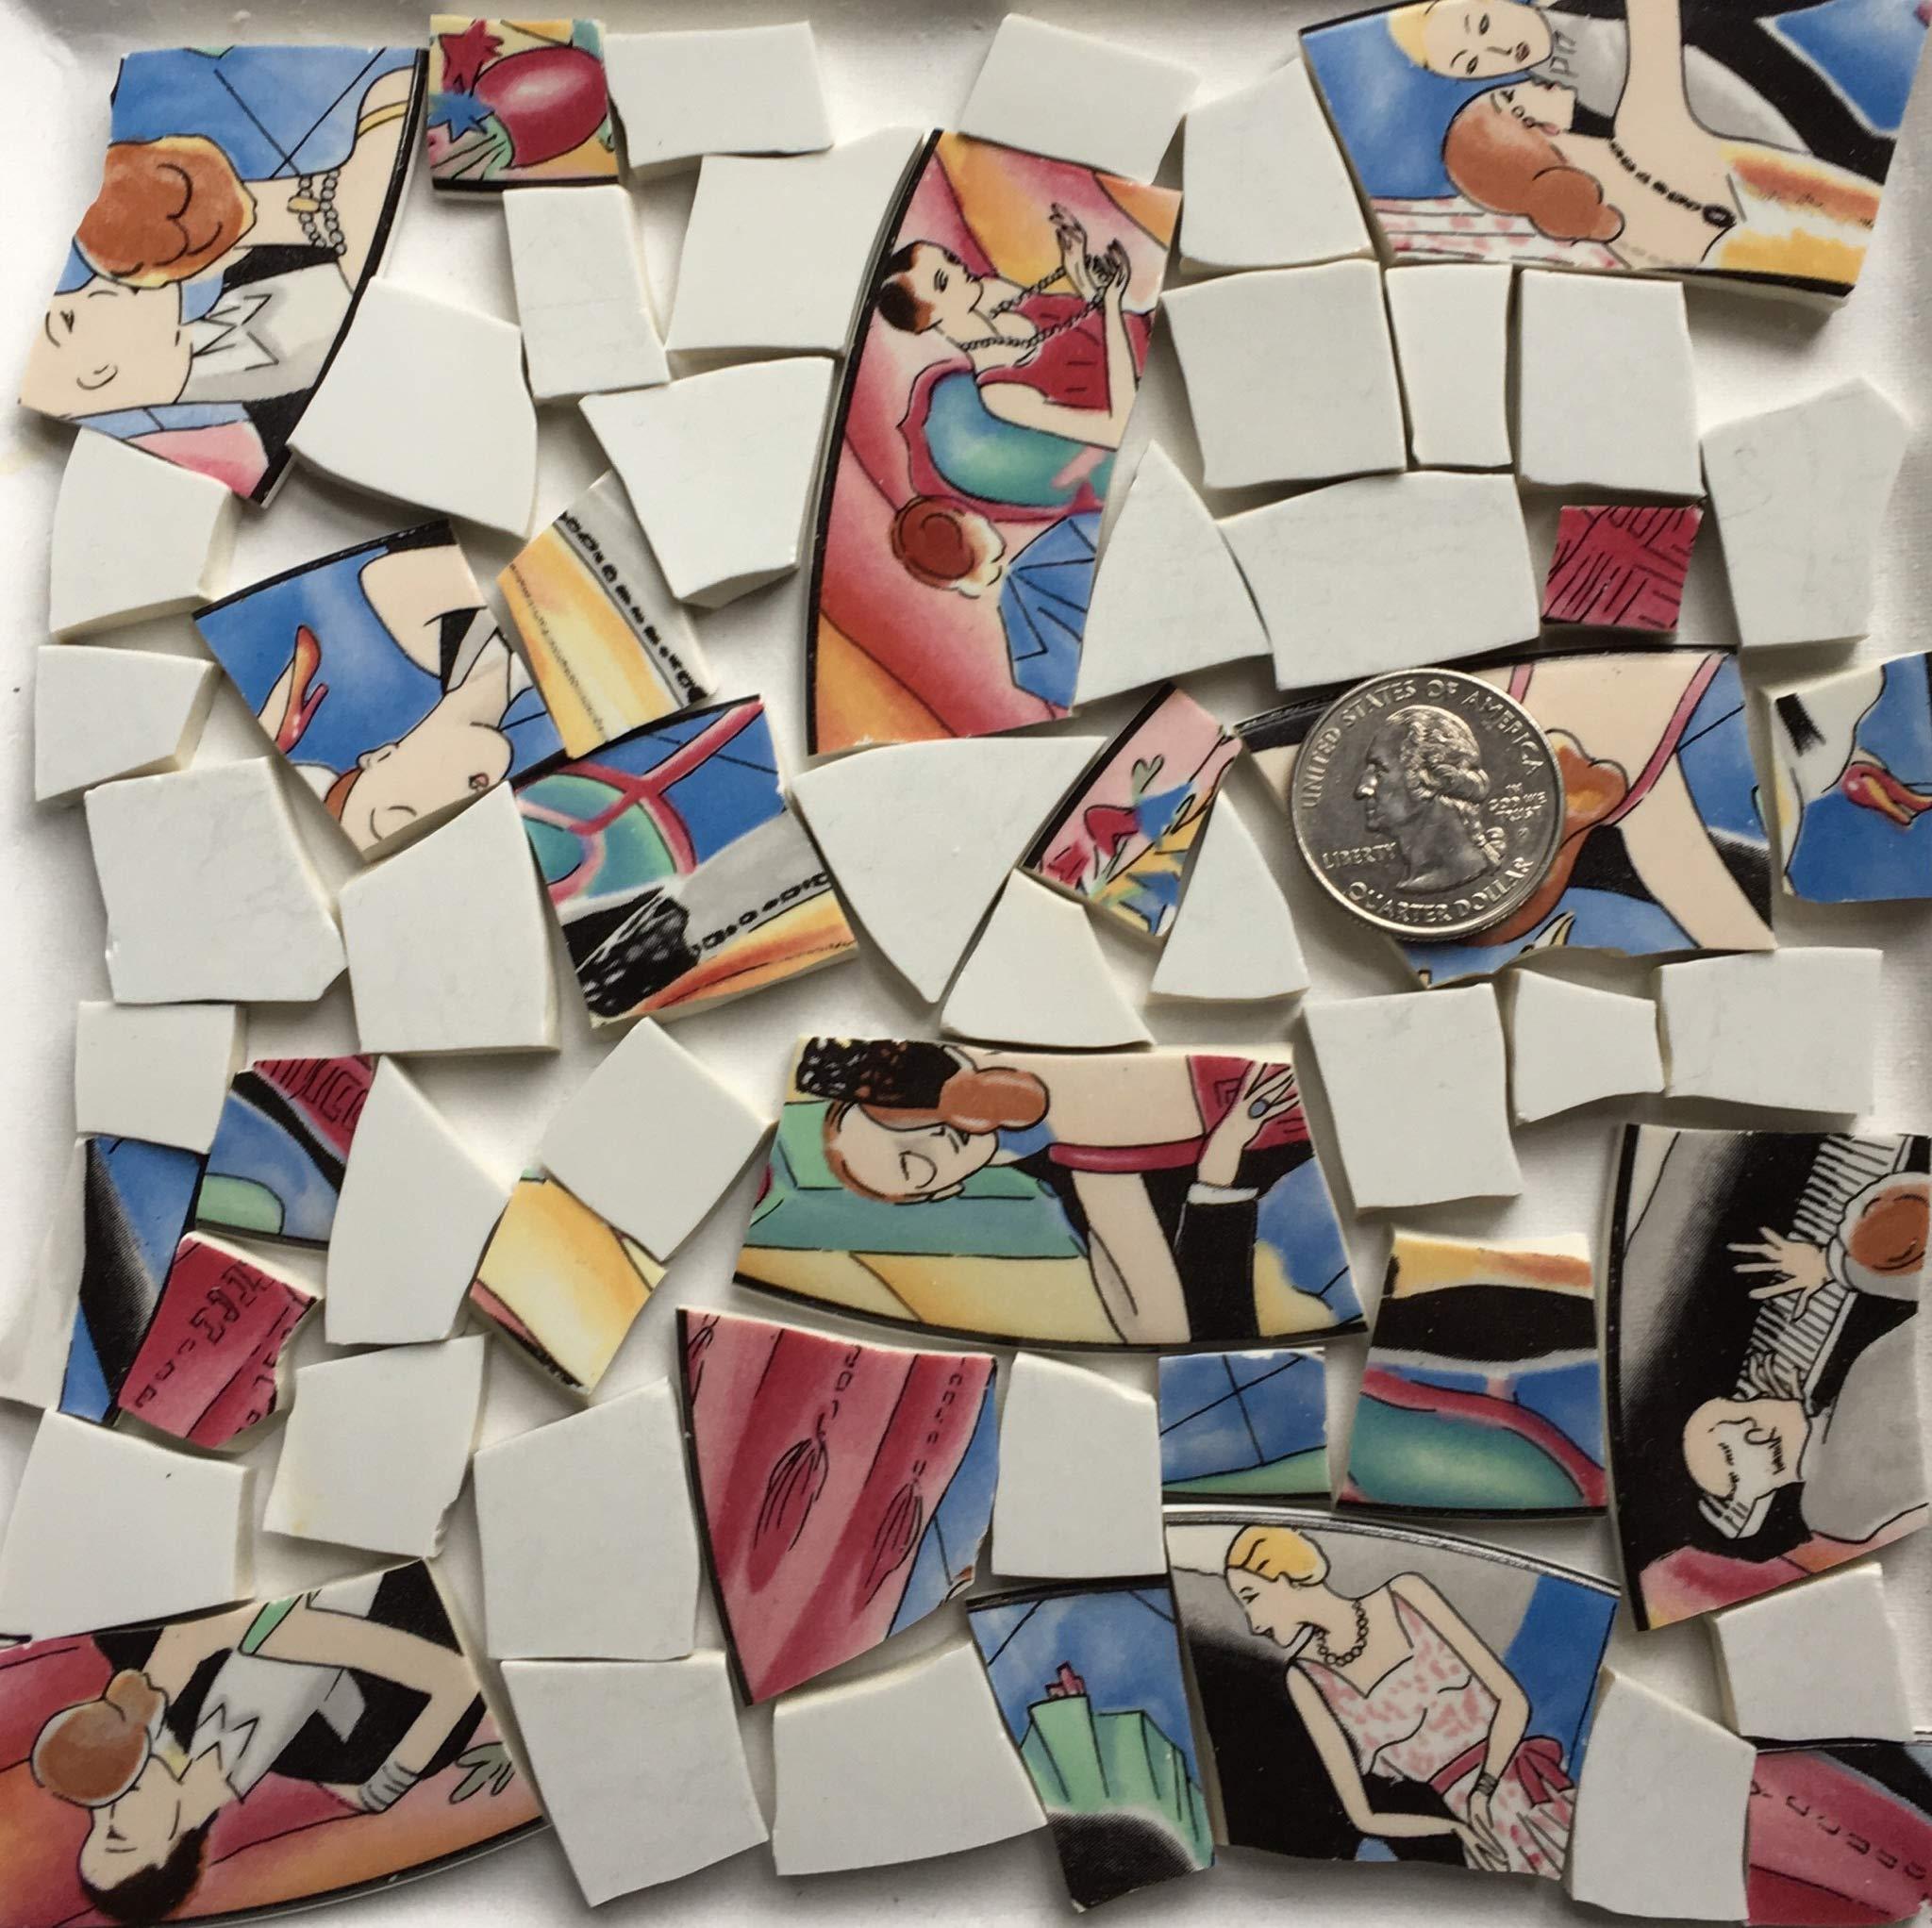 モザイクアート&クラフト供給〜女性と男性のダンスブラックとブルーのタイル( B054)